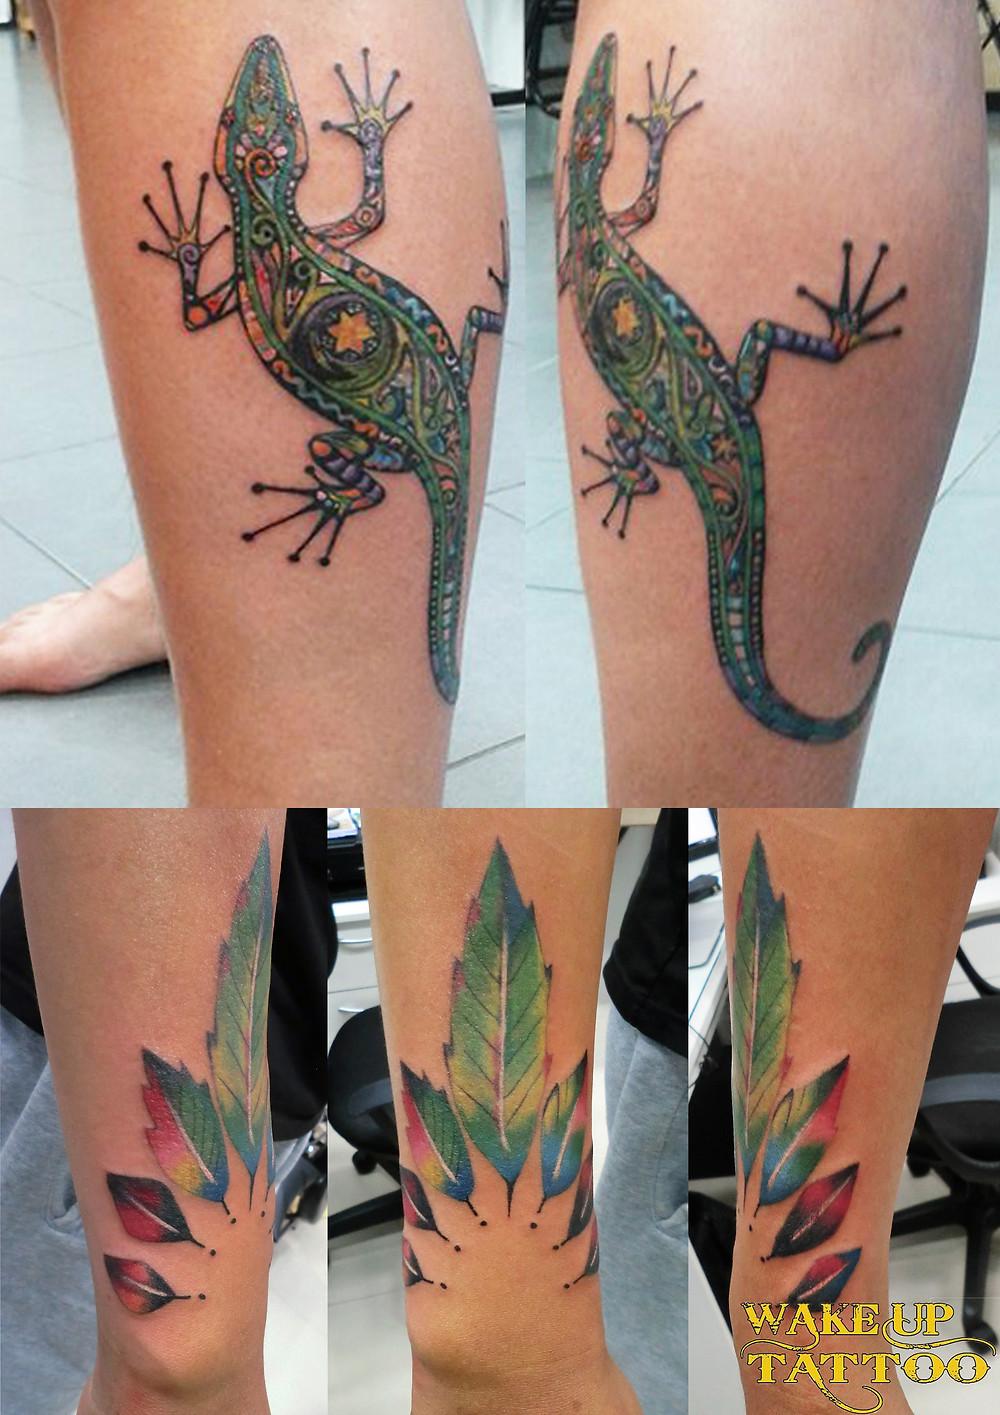 colorful tattoo by Wake up Tattoo Phuket